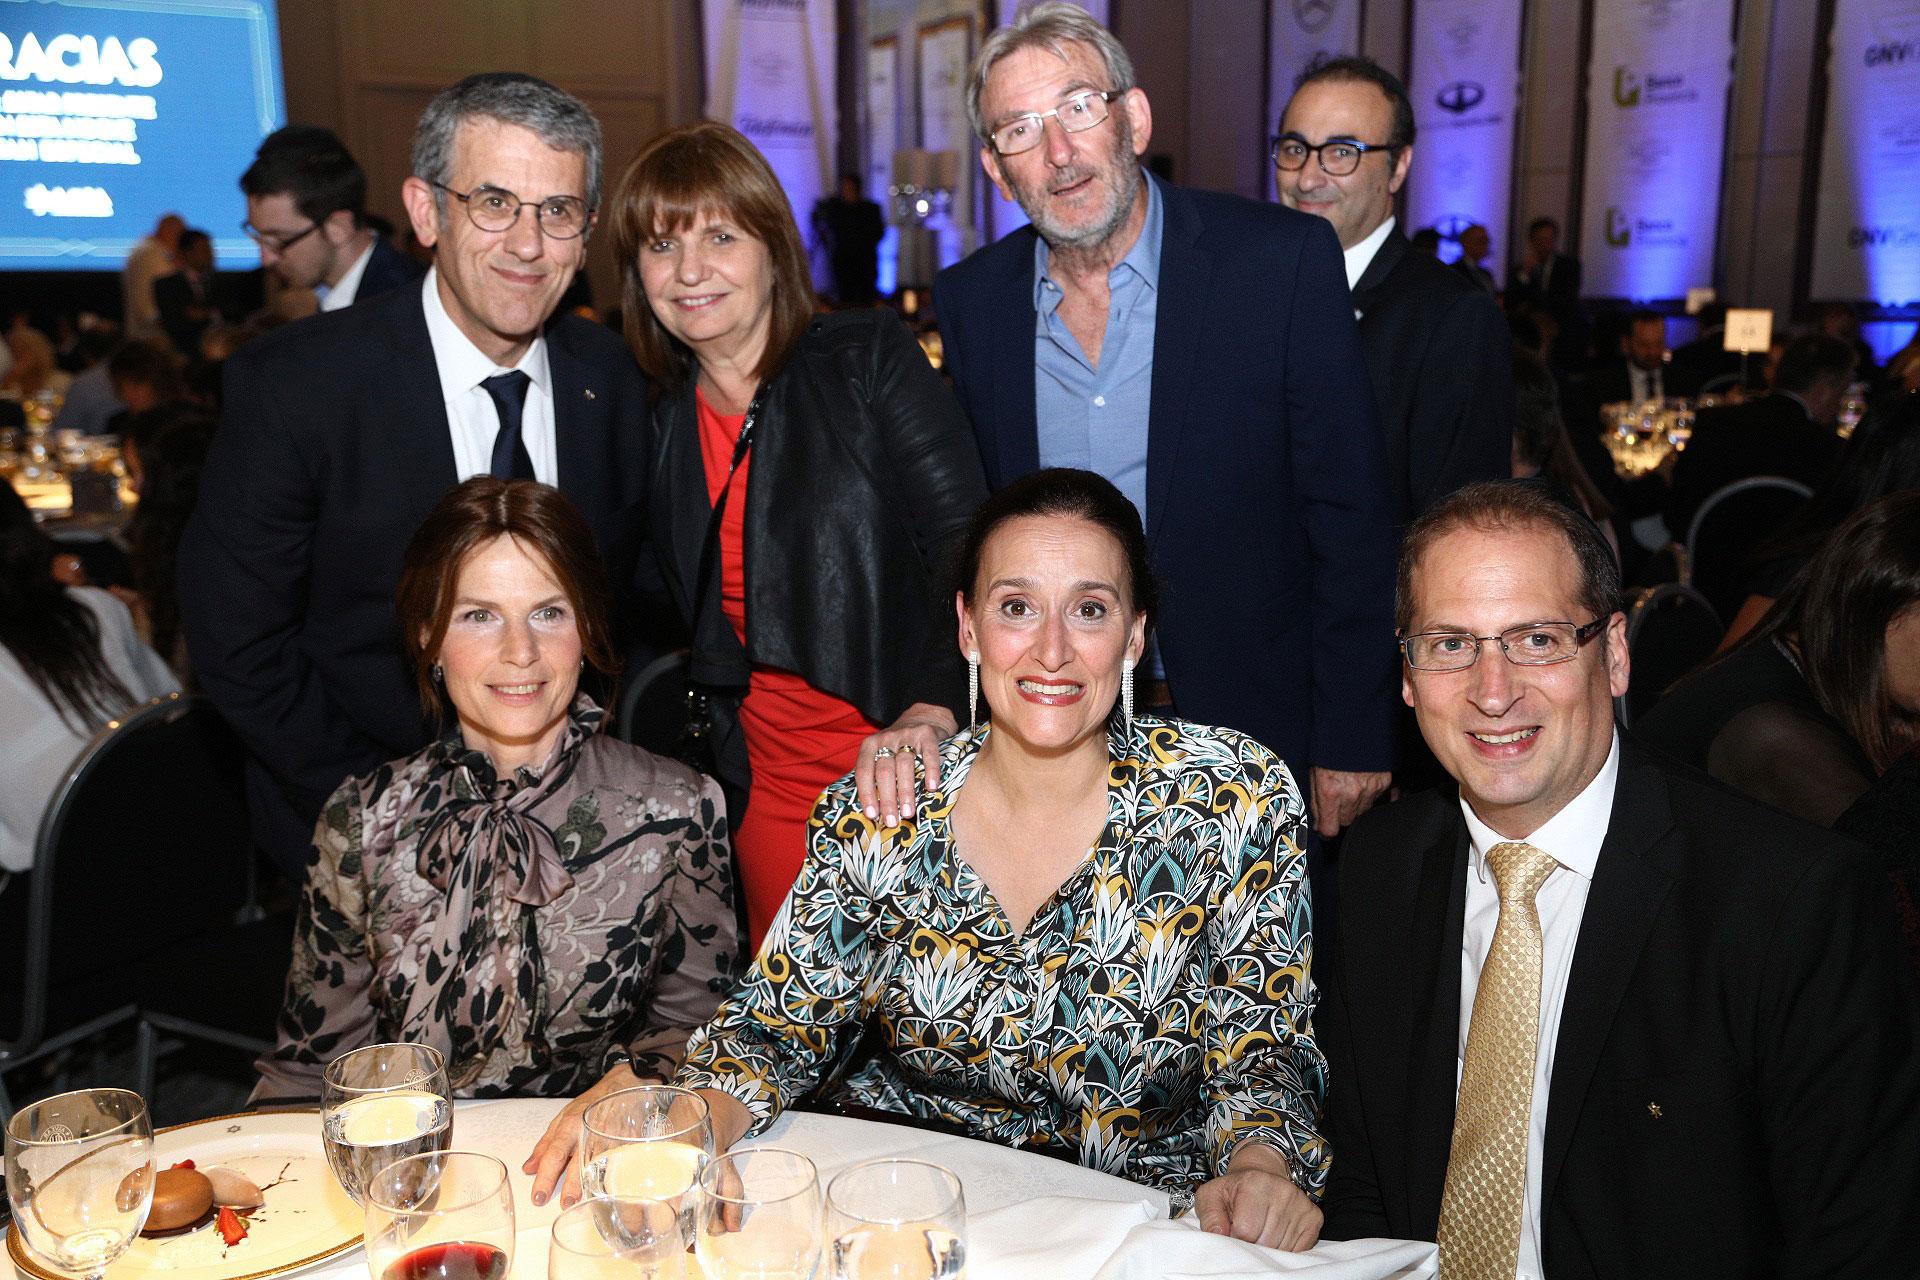 Gabriela Michetti junto al presidente de AMIA, Agustín Zbar y su mujer Patricia; la ministra de Seguridad, Patricia Bullrich, y su marido Guillermo Yanco; y Darío Curiel, secretario general de AMIA